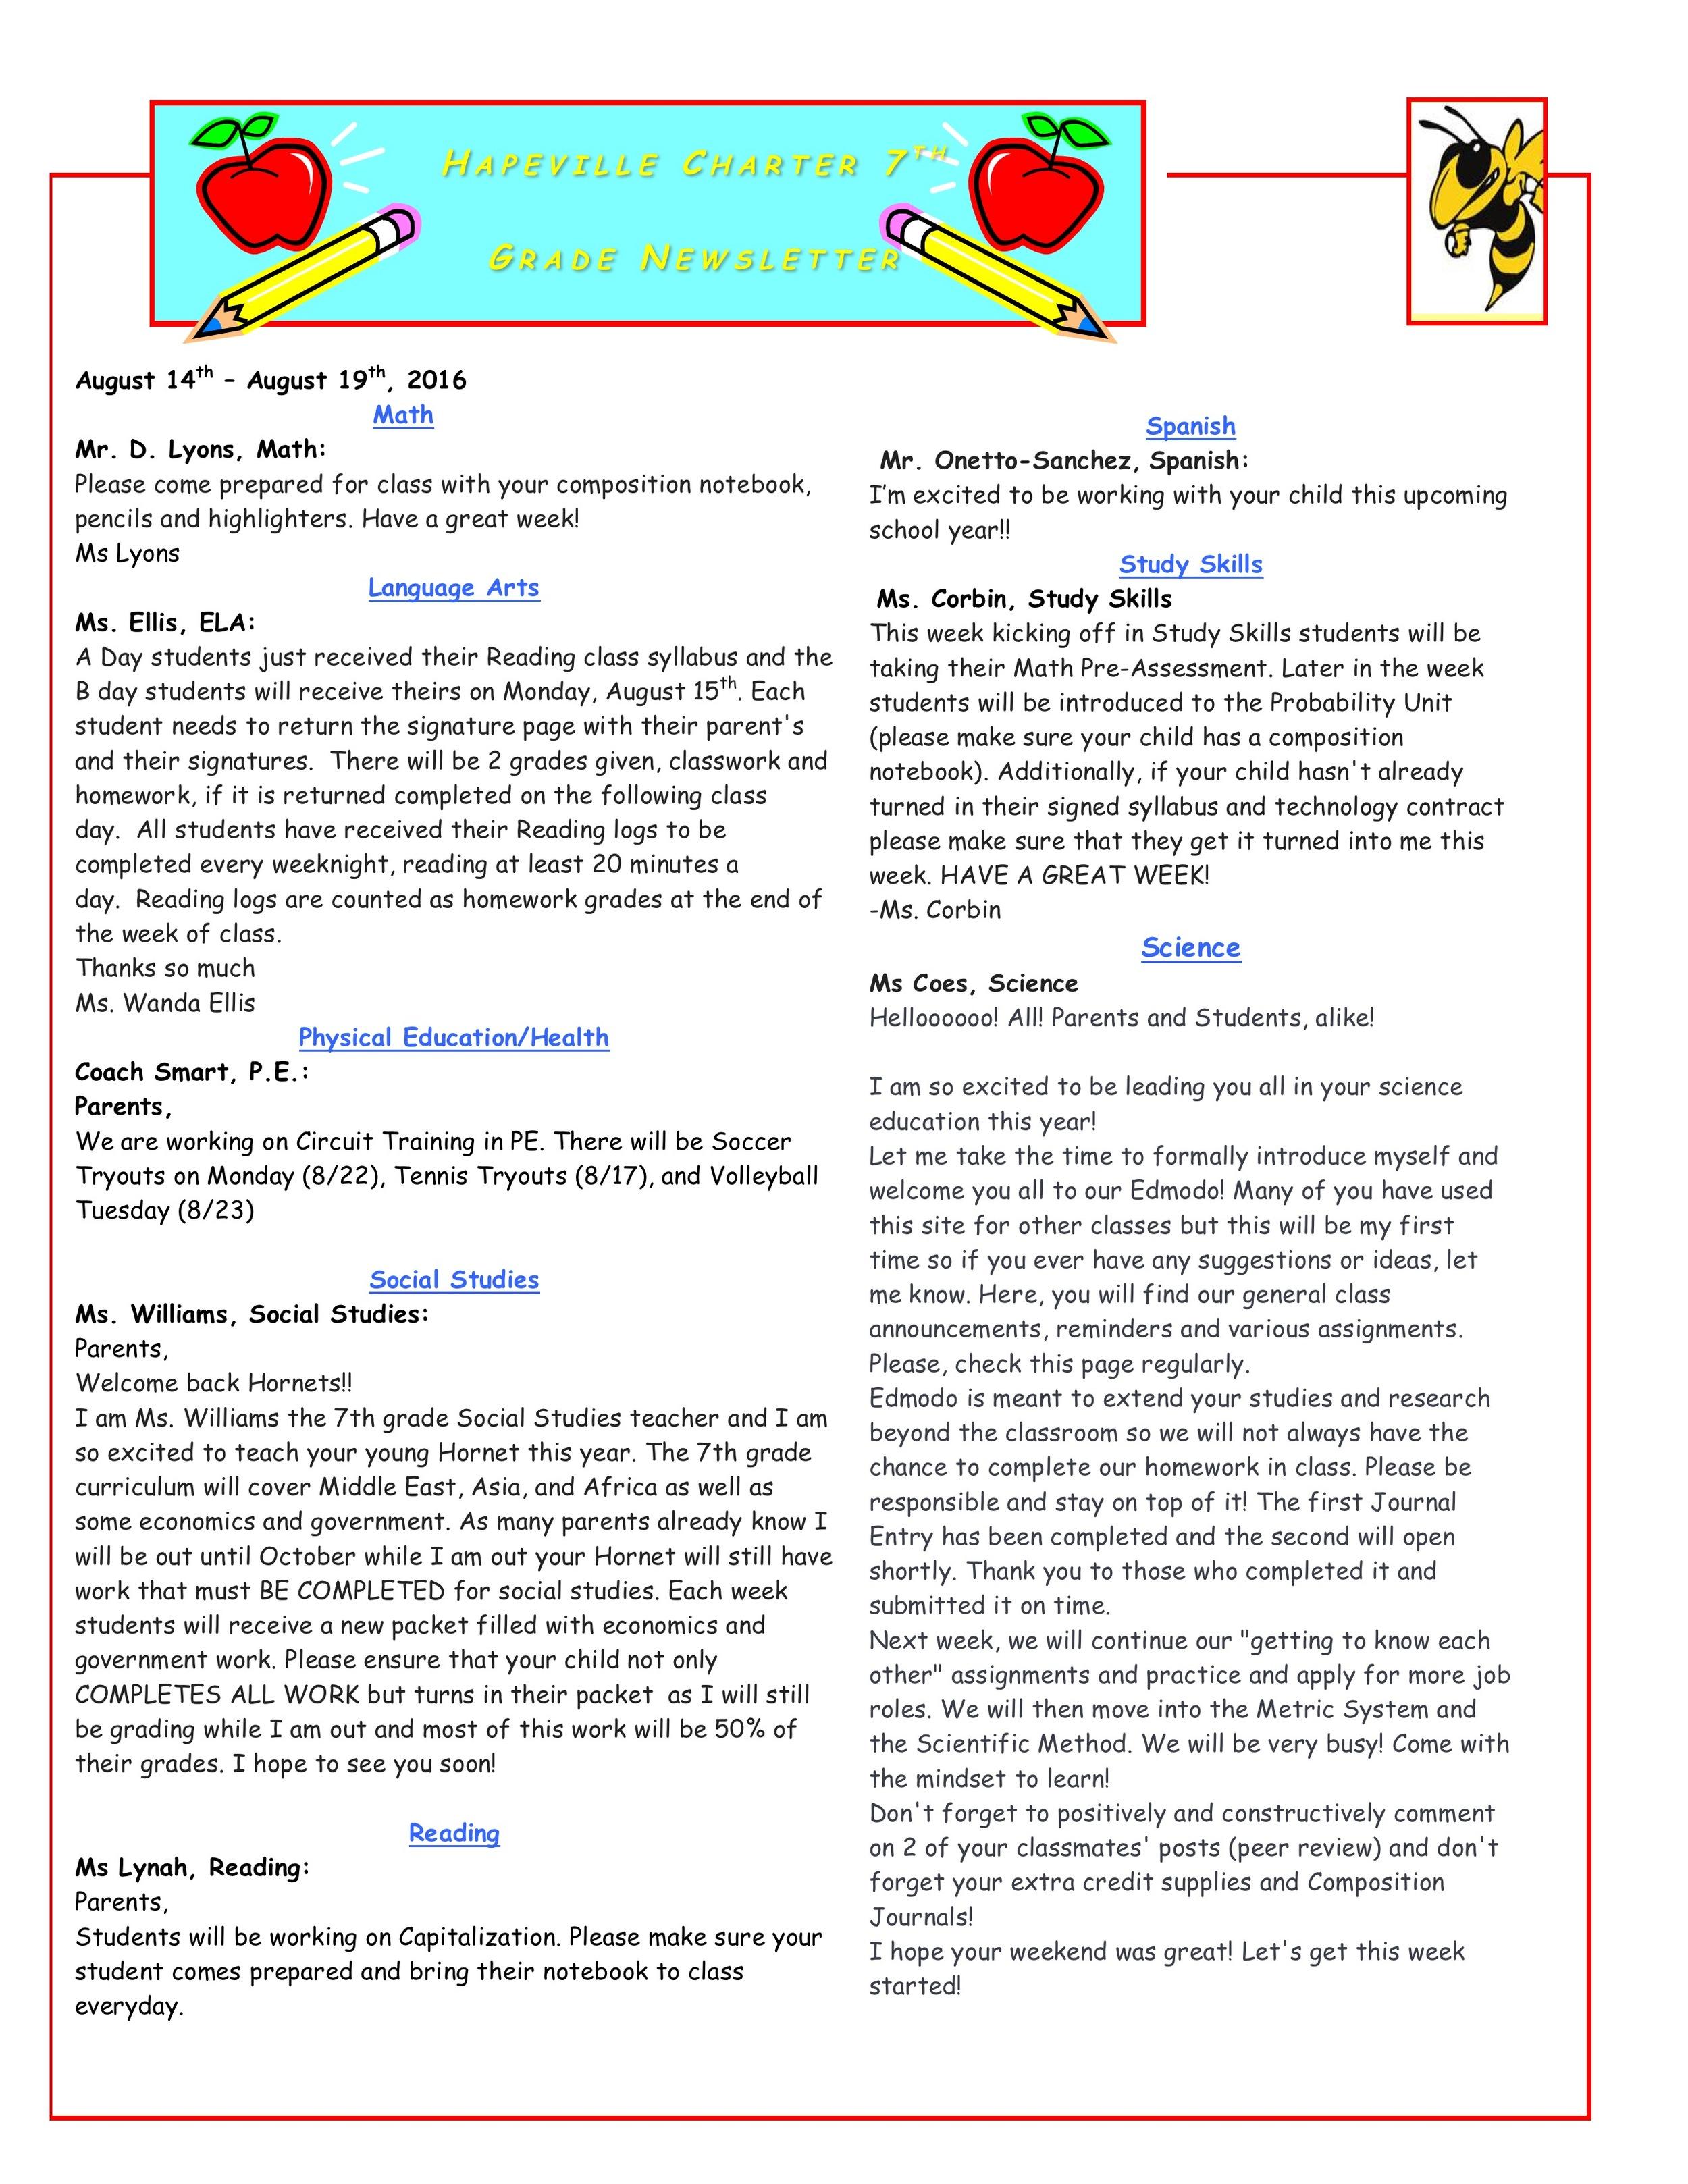 Newsletter Image7th Grade Newsletter 8.15.2016.jpeg